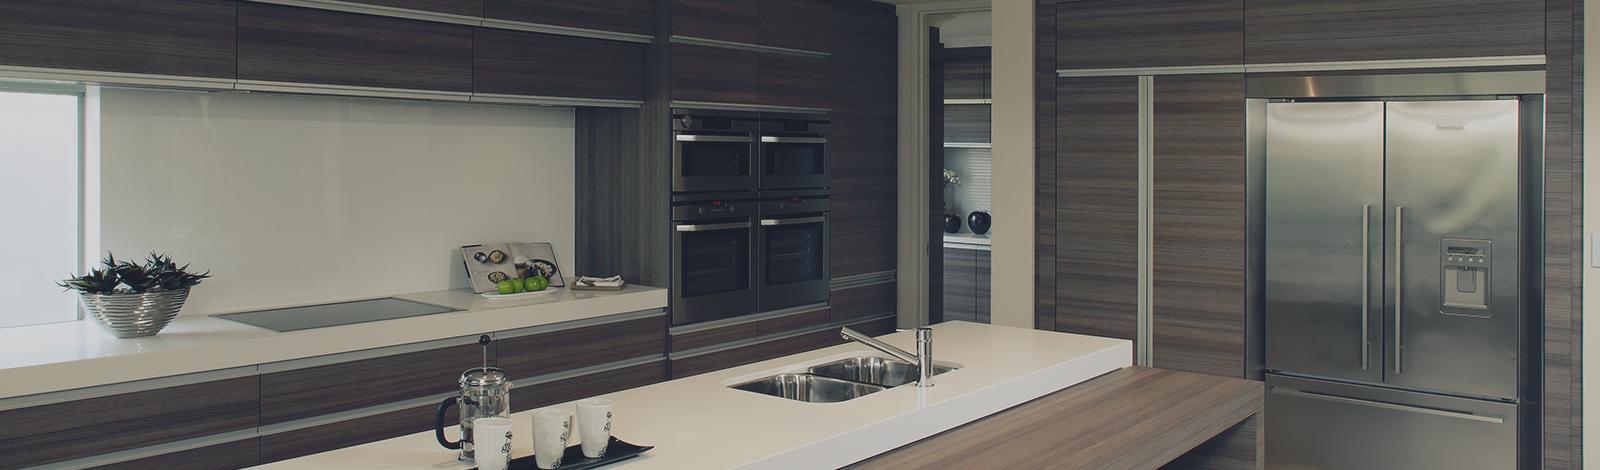 Armoires de cuisine en thermoplastique fabrique plus for Armoire de cuisine thermoplastique prix